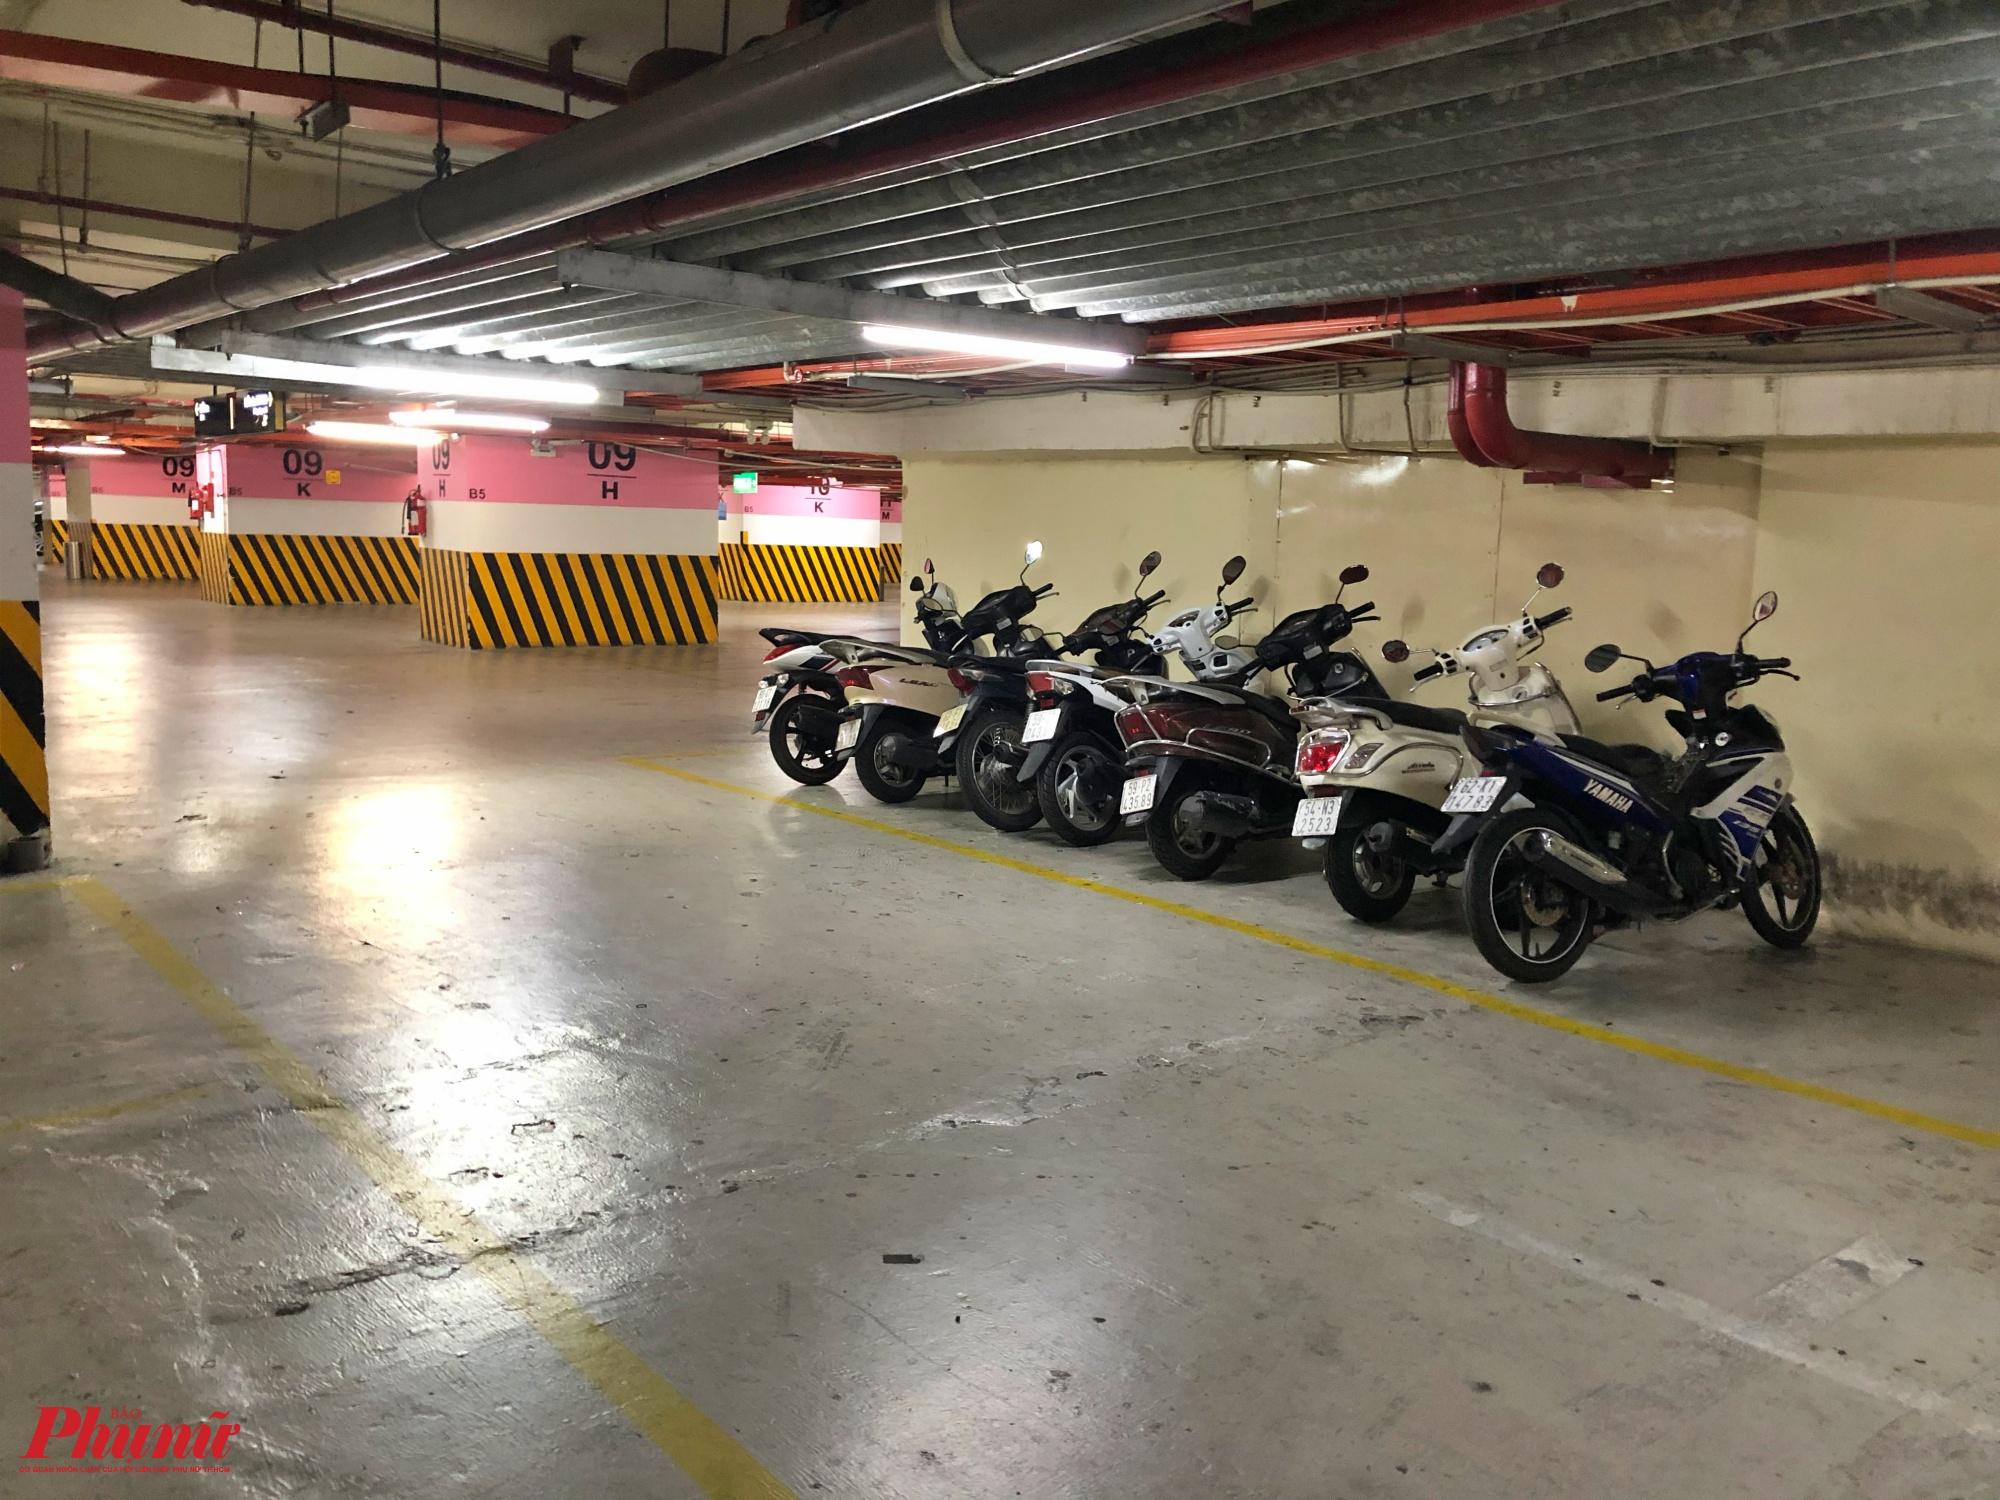 Tối 8/2, bãi xe của trung tâm thương mại Vincom cũng vắng vẻ, lát đát một vài chiếc xe máy